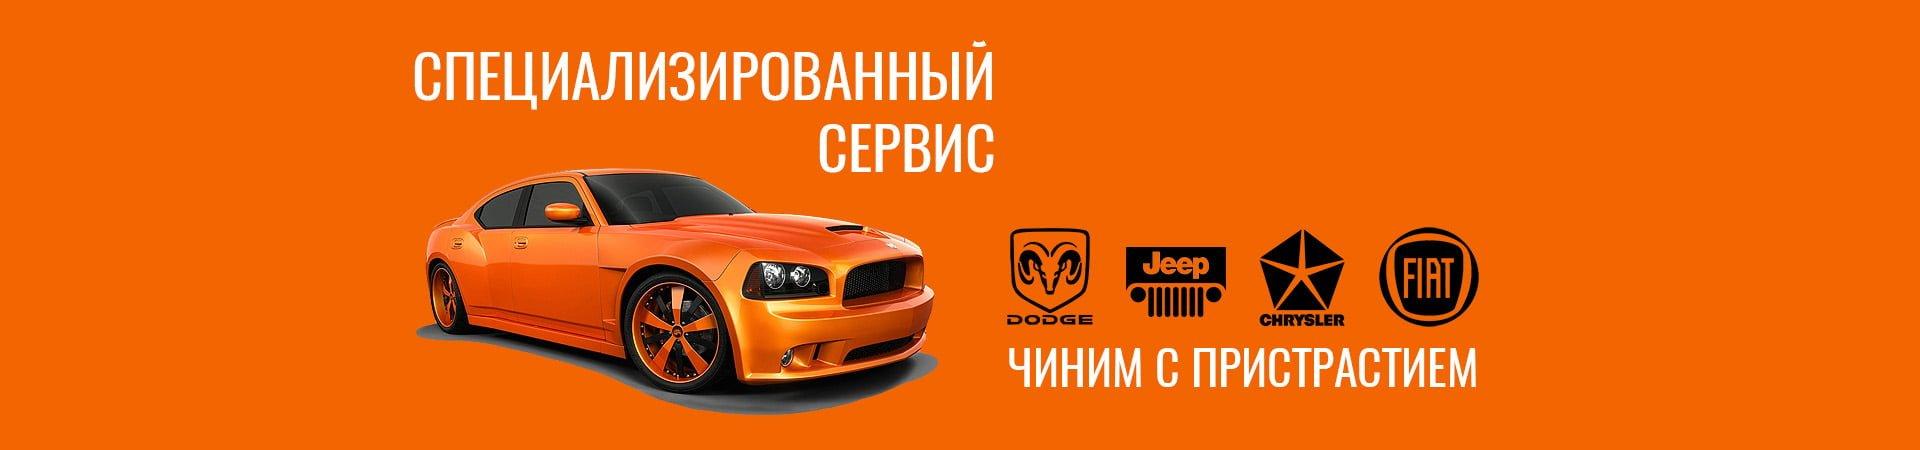 Ремонт Додж, Крайслер, Джип